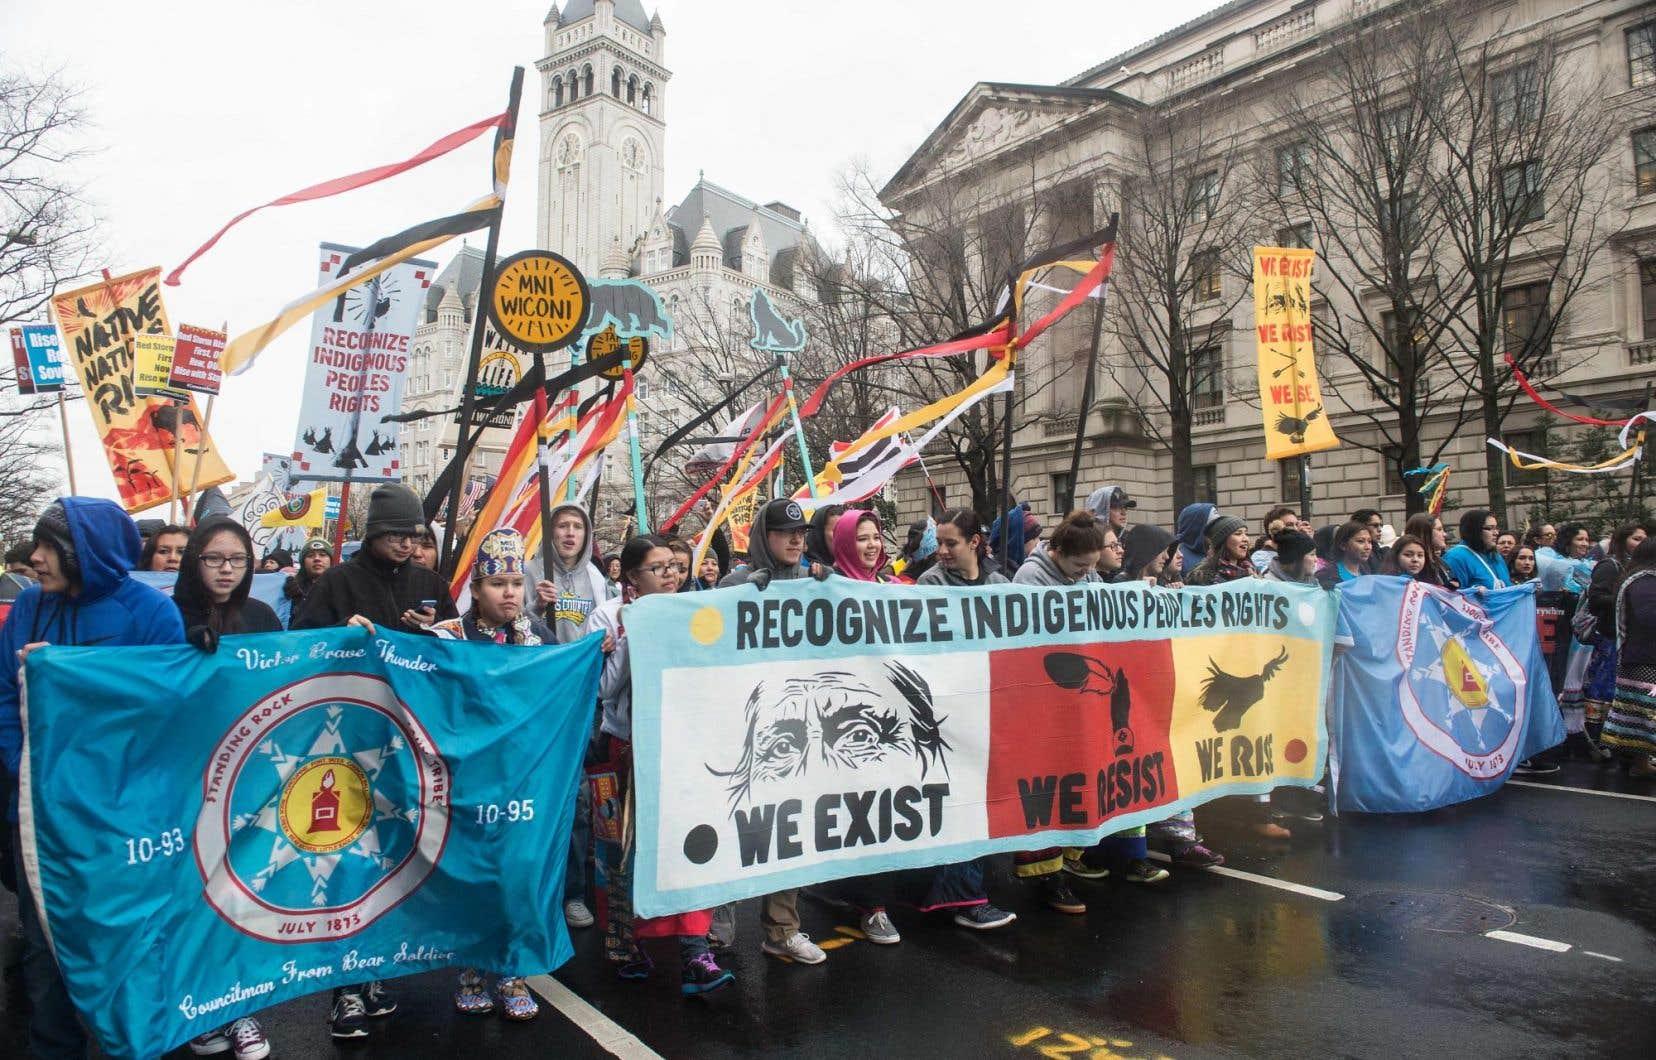 «Il y a fort à parier que les peuples autochtones du Québec défendront leurs terres avec la même ferveur et opiniâtreté que leurs homologues de Standing Rock au Dakota du Nord.»